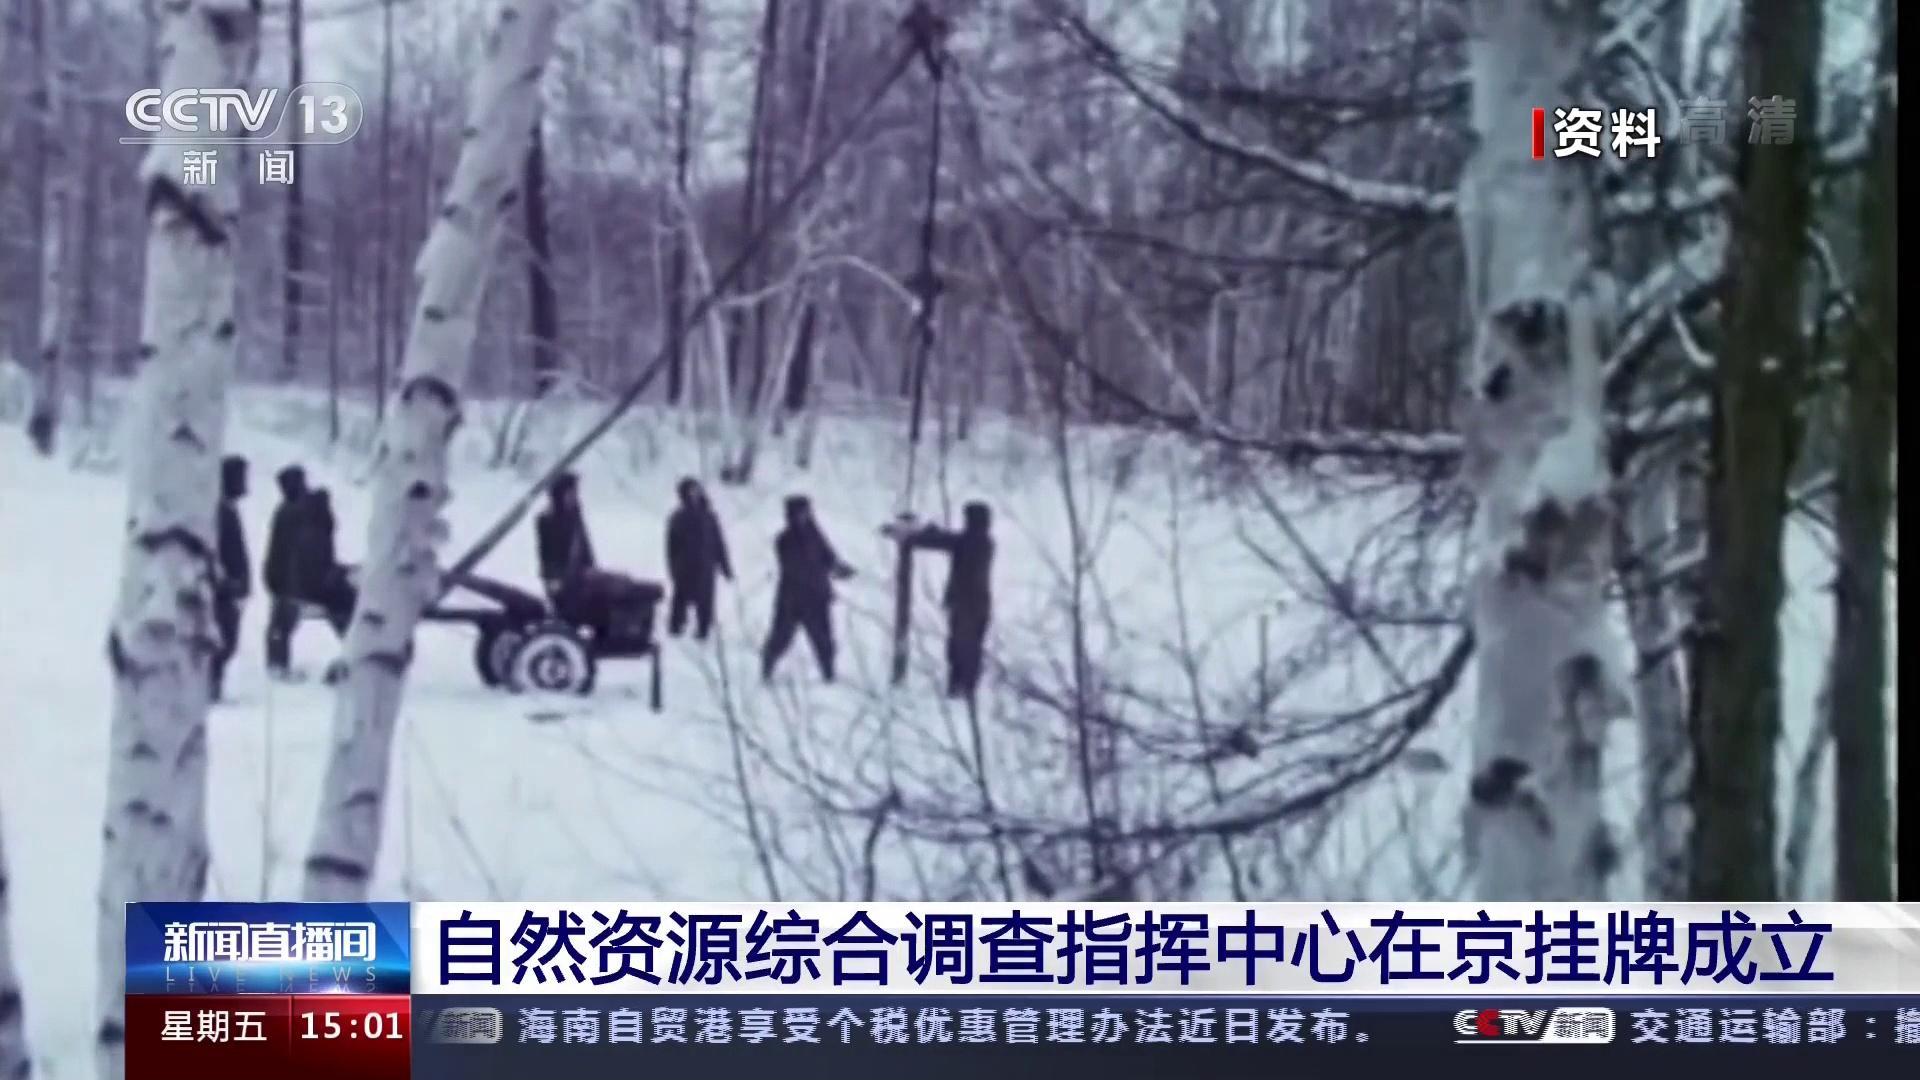 自然资源综合调查指挥中心在京挂牌成立